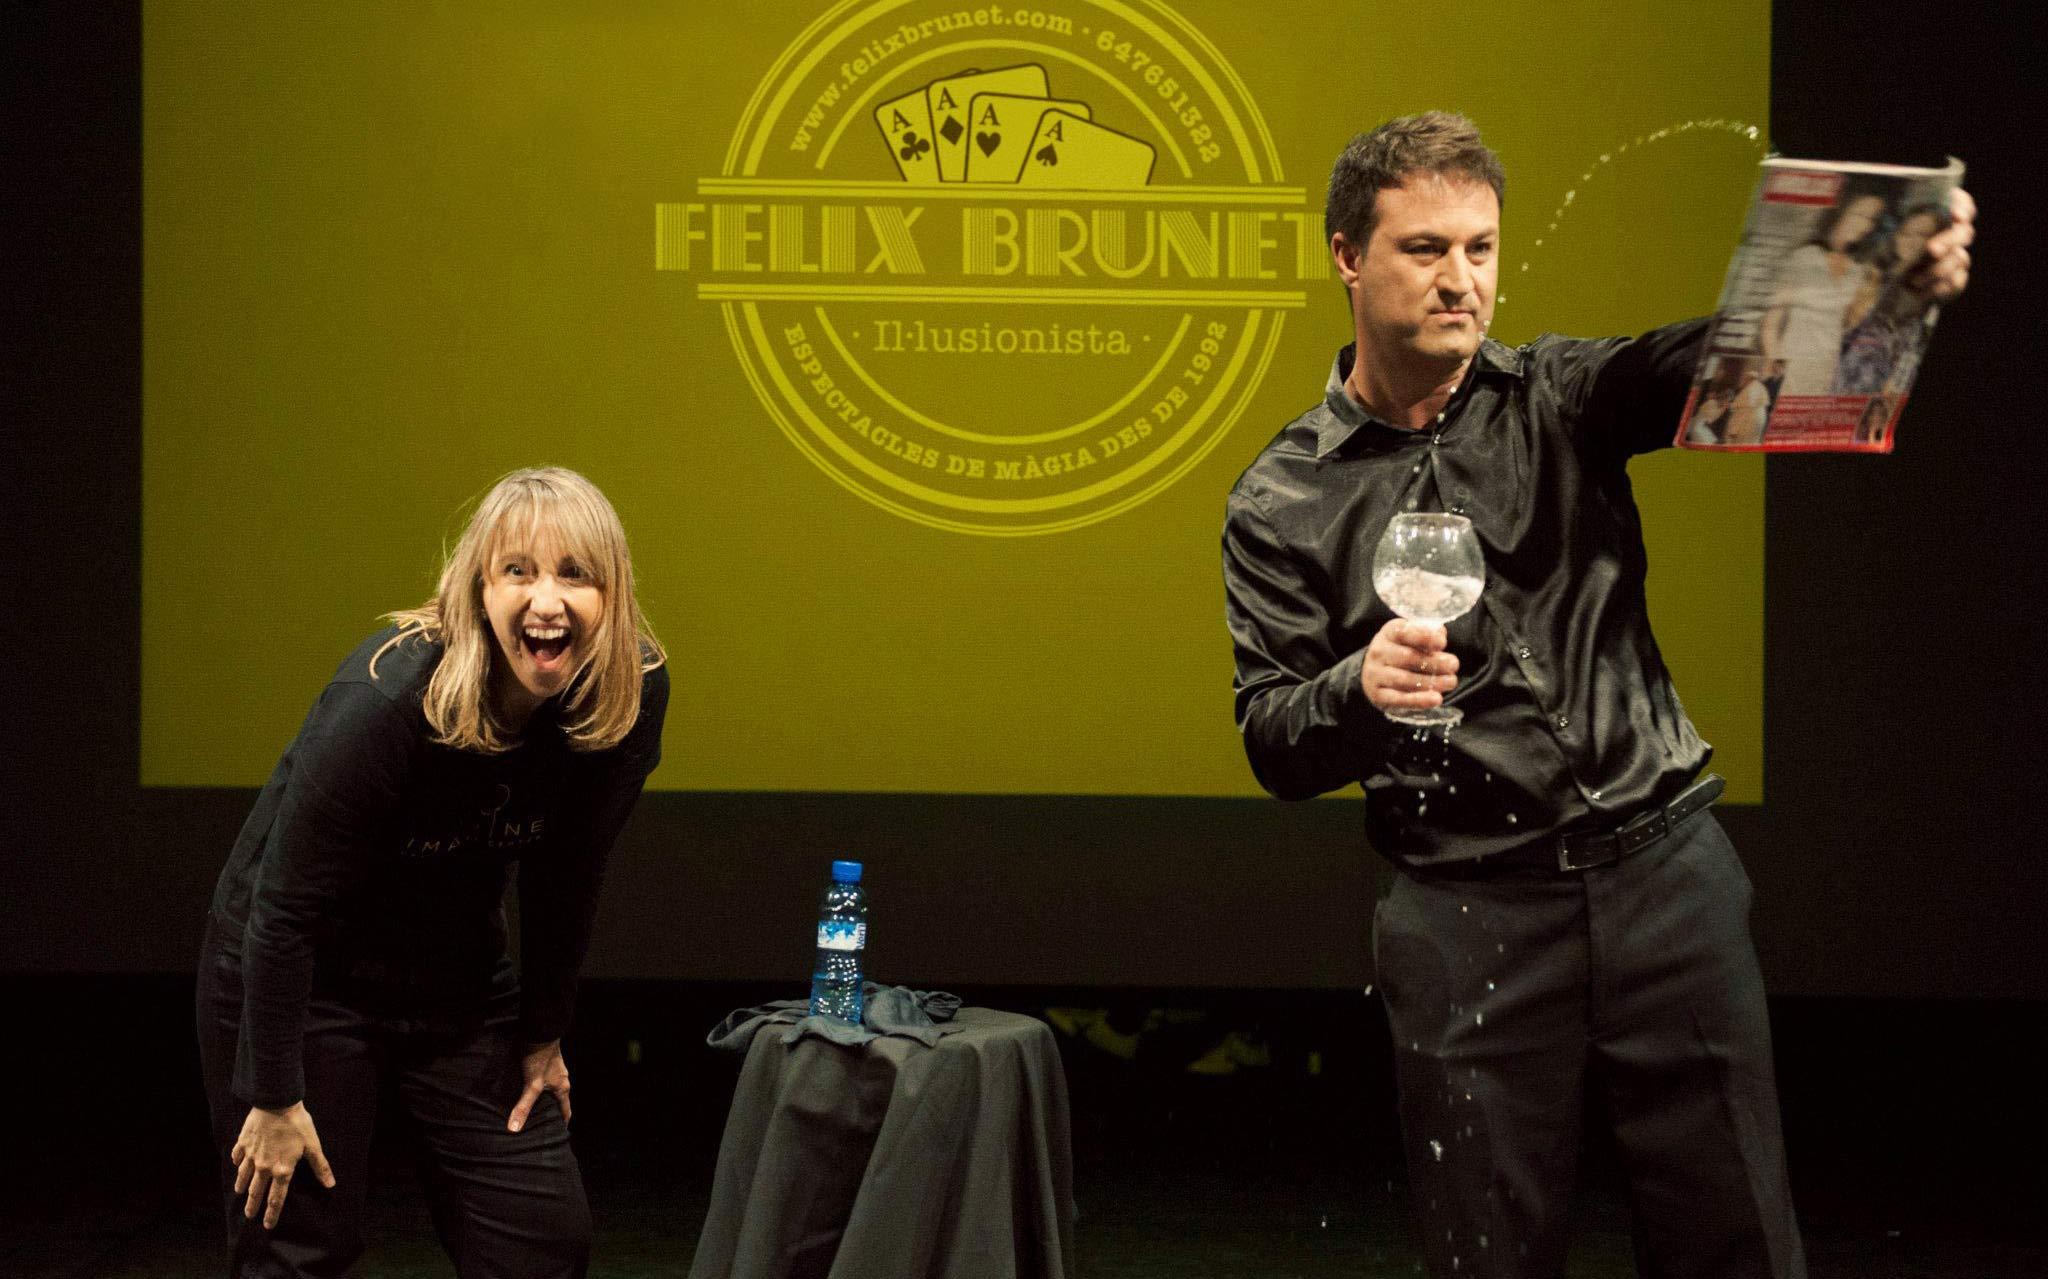 Supermagic Espectacle magia per adults Felix Brunet